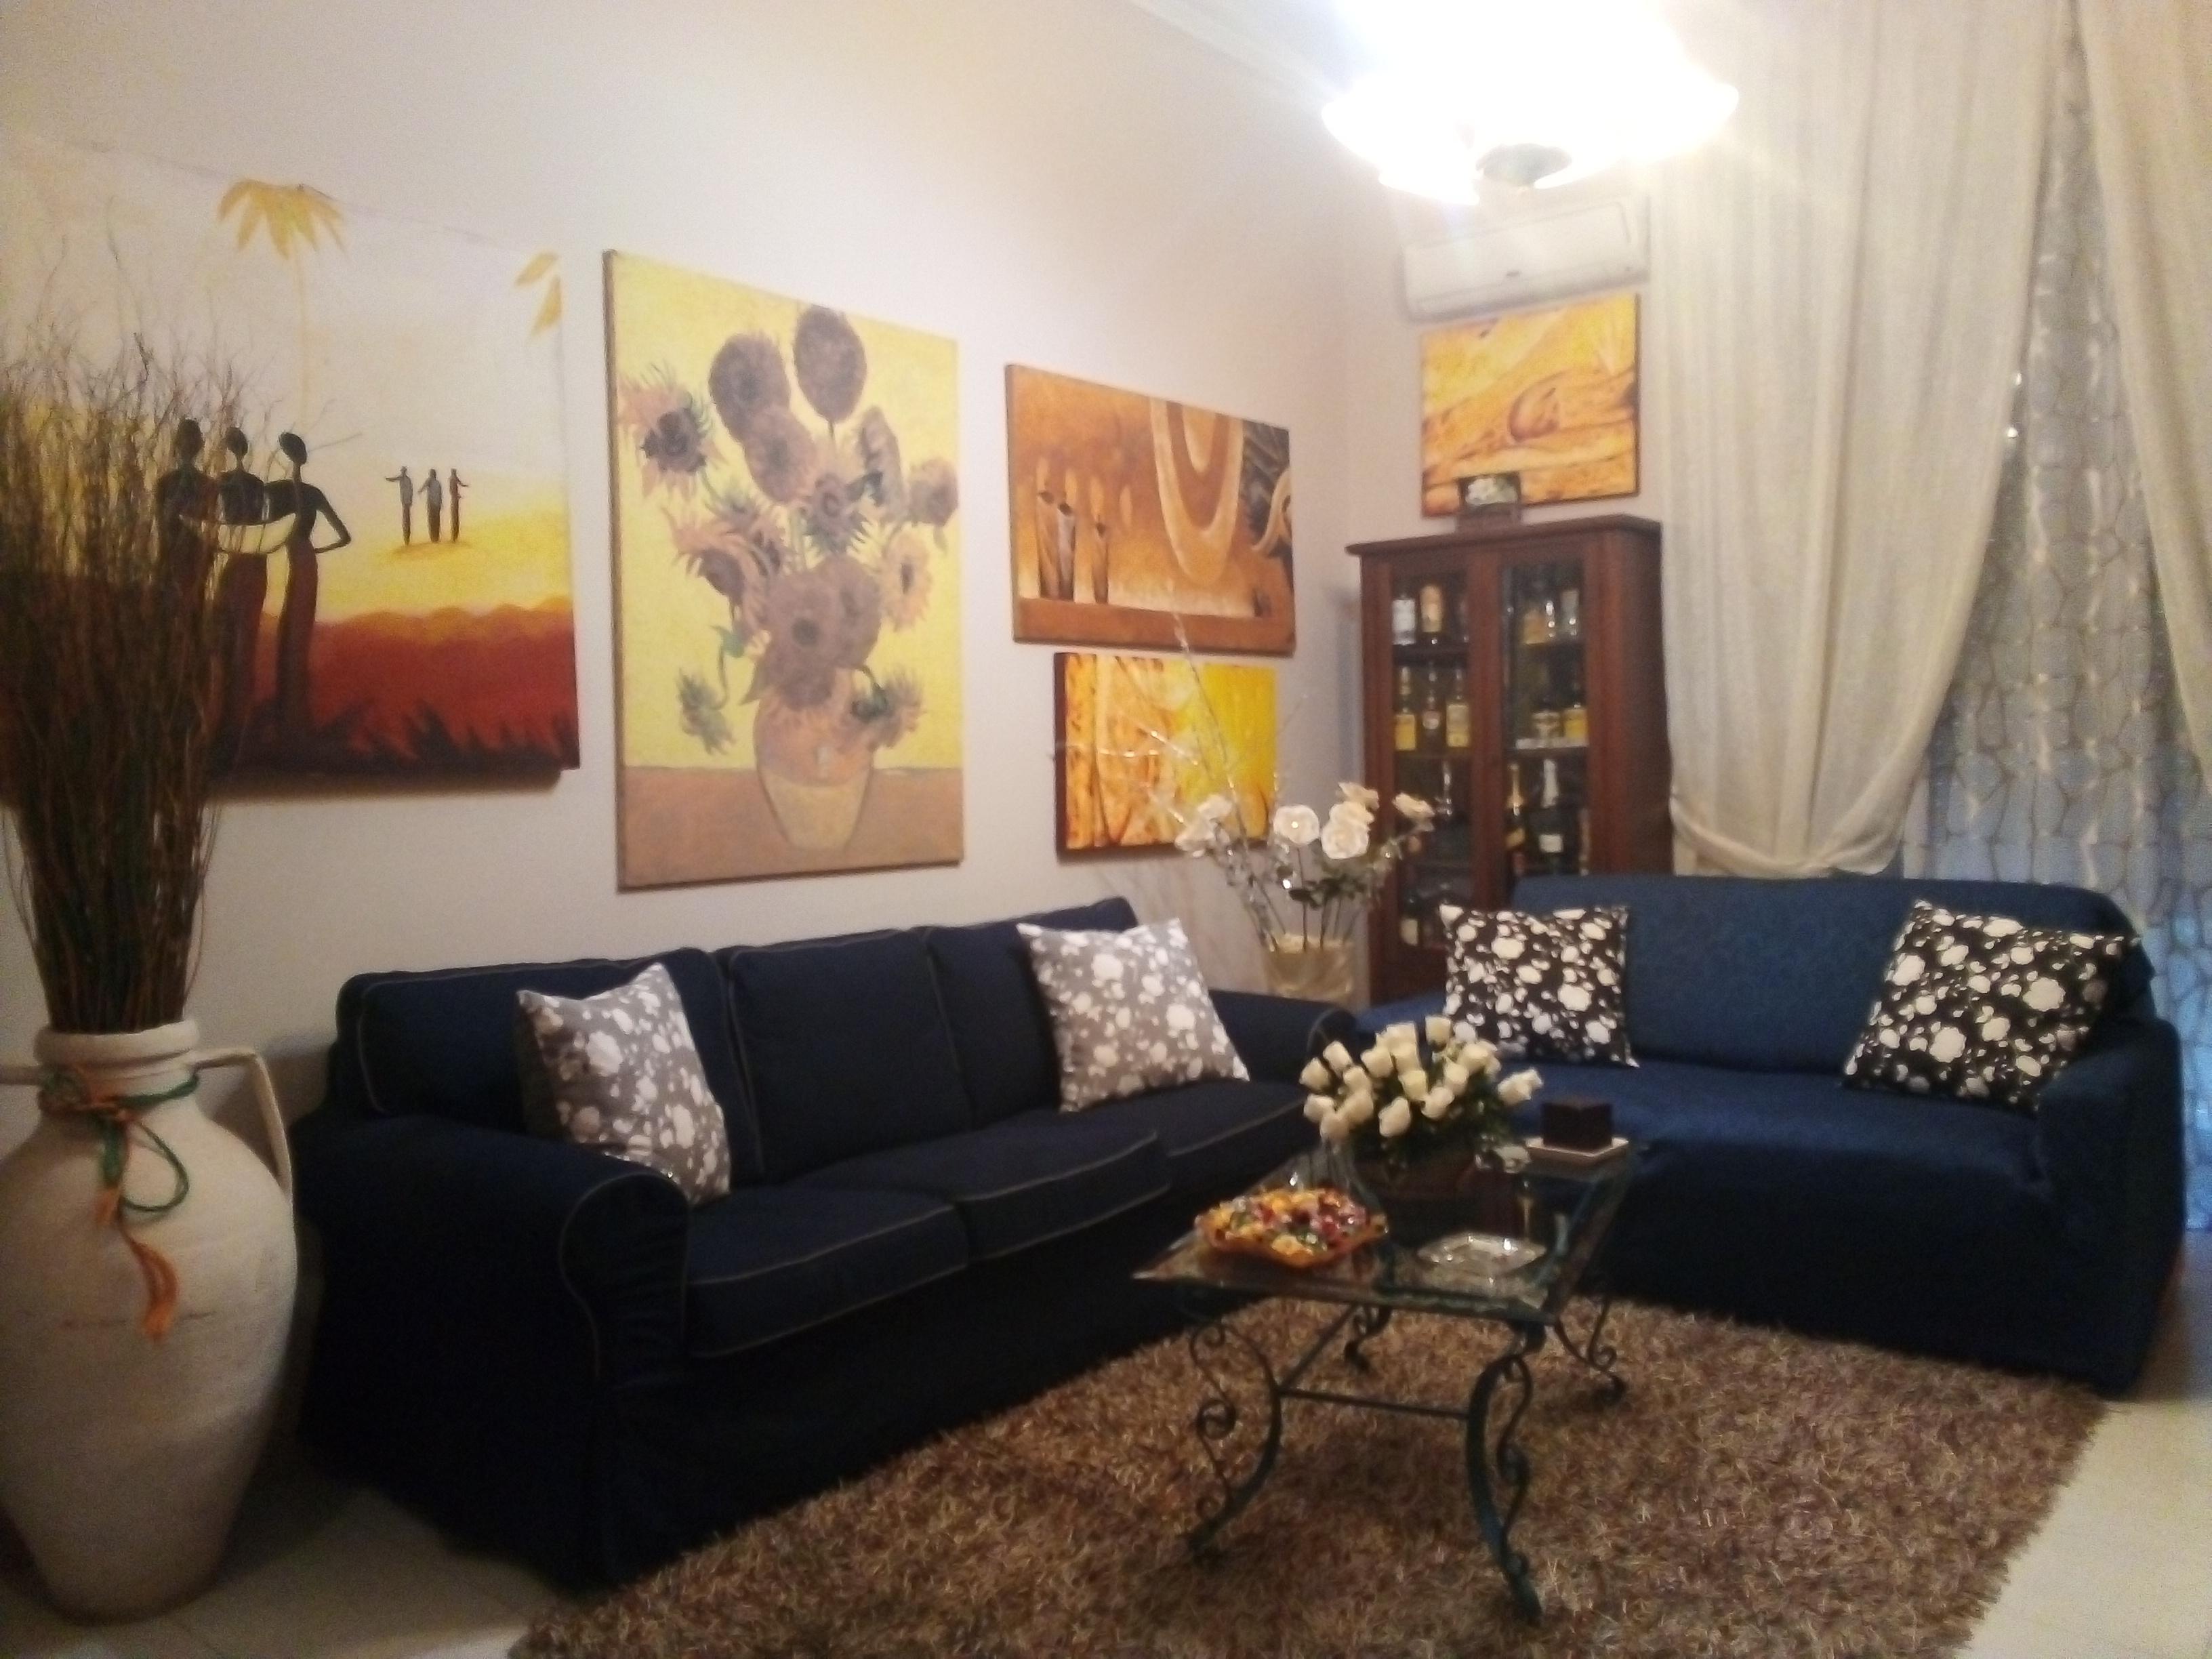 appartamenti in vendita foggia-Via XXV Aprile 5 vani accessori